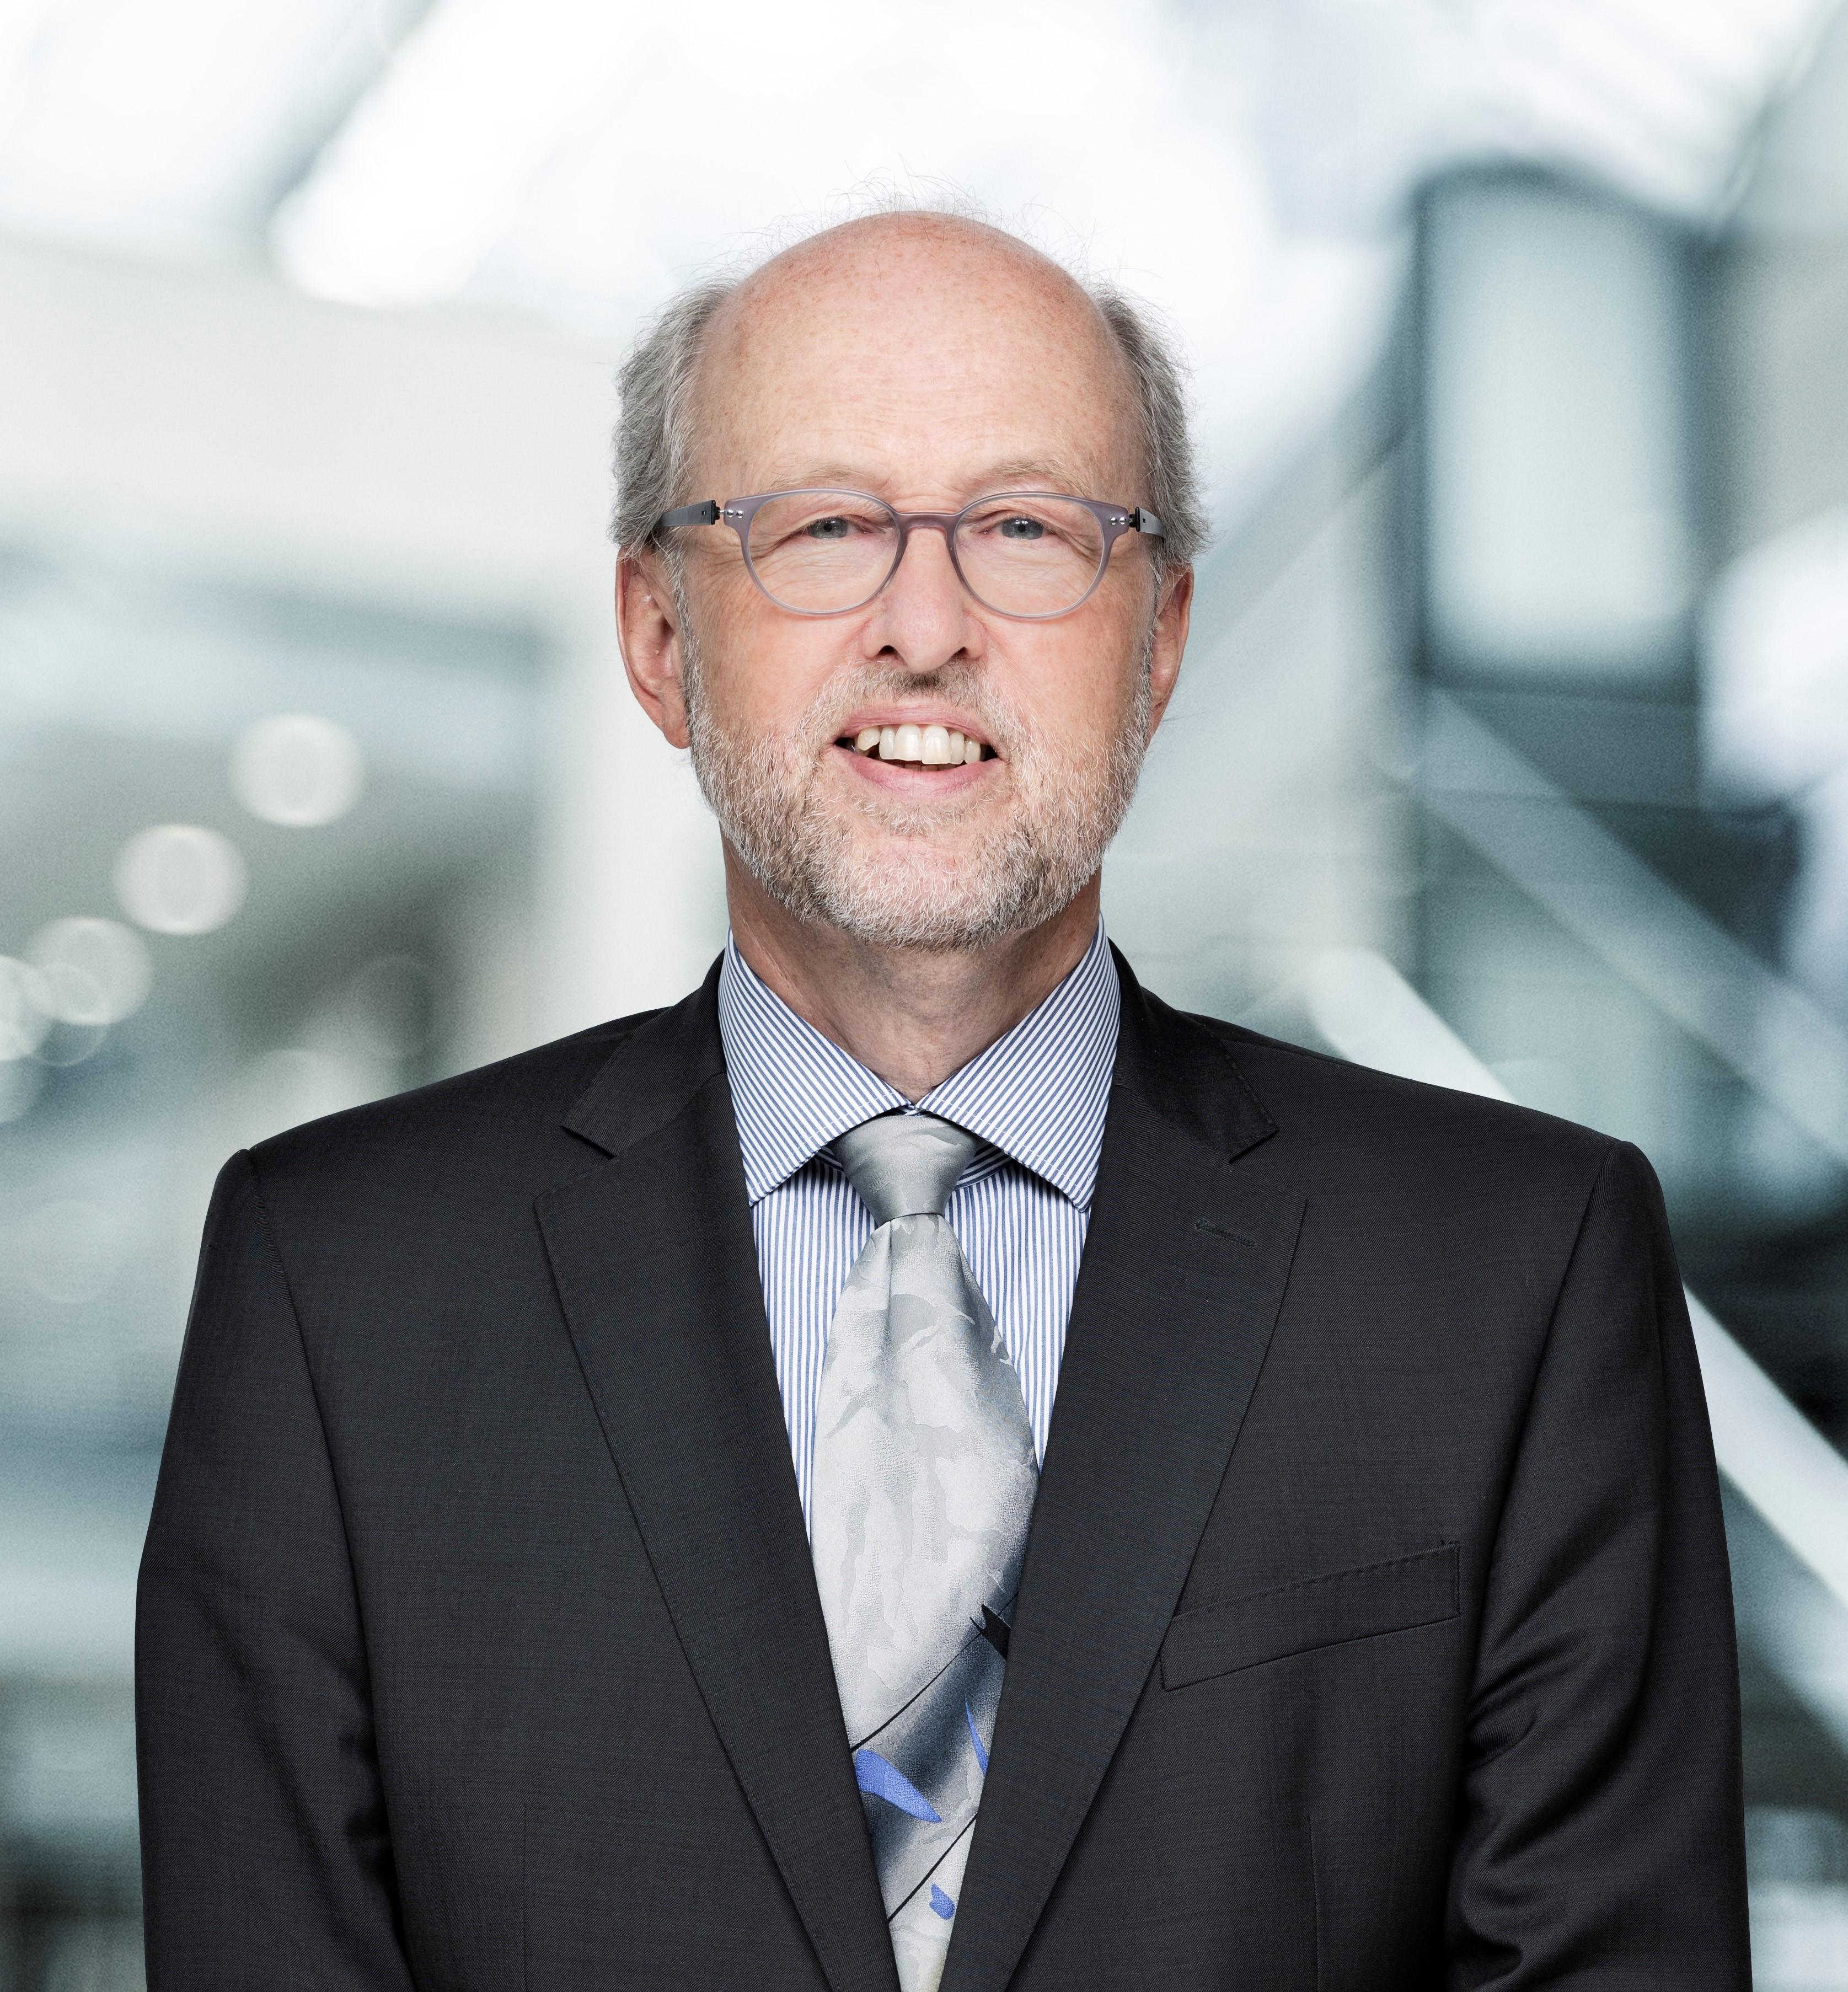 Wolfgang Reim übernimmt ab sofort interimistisch die Funktion als CEO bei Amann Girrbach